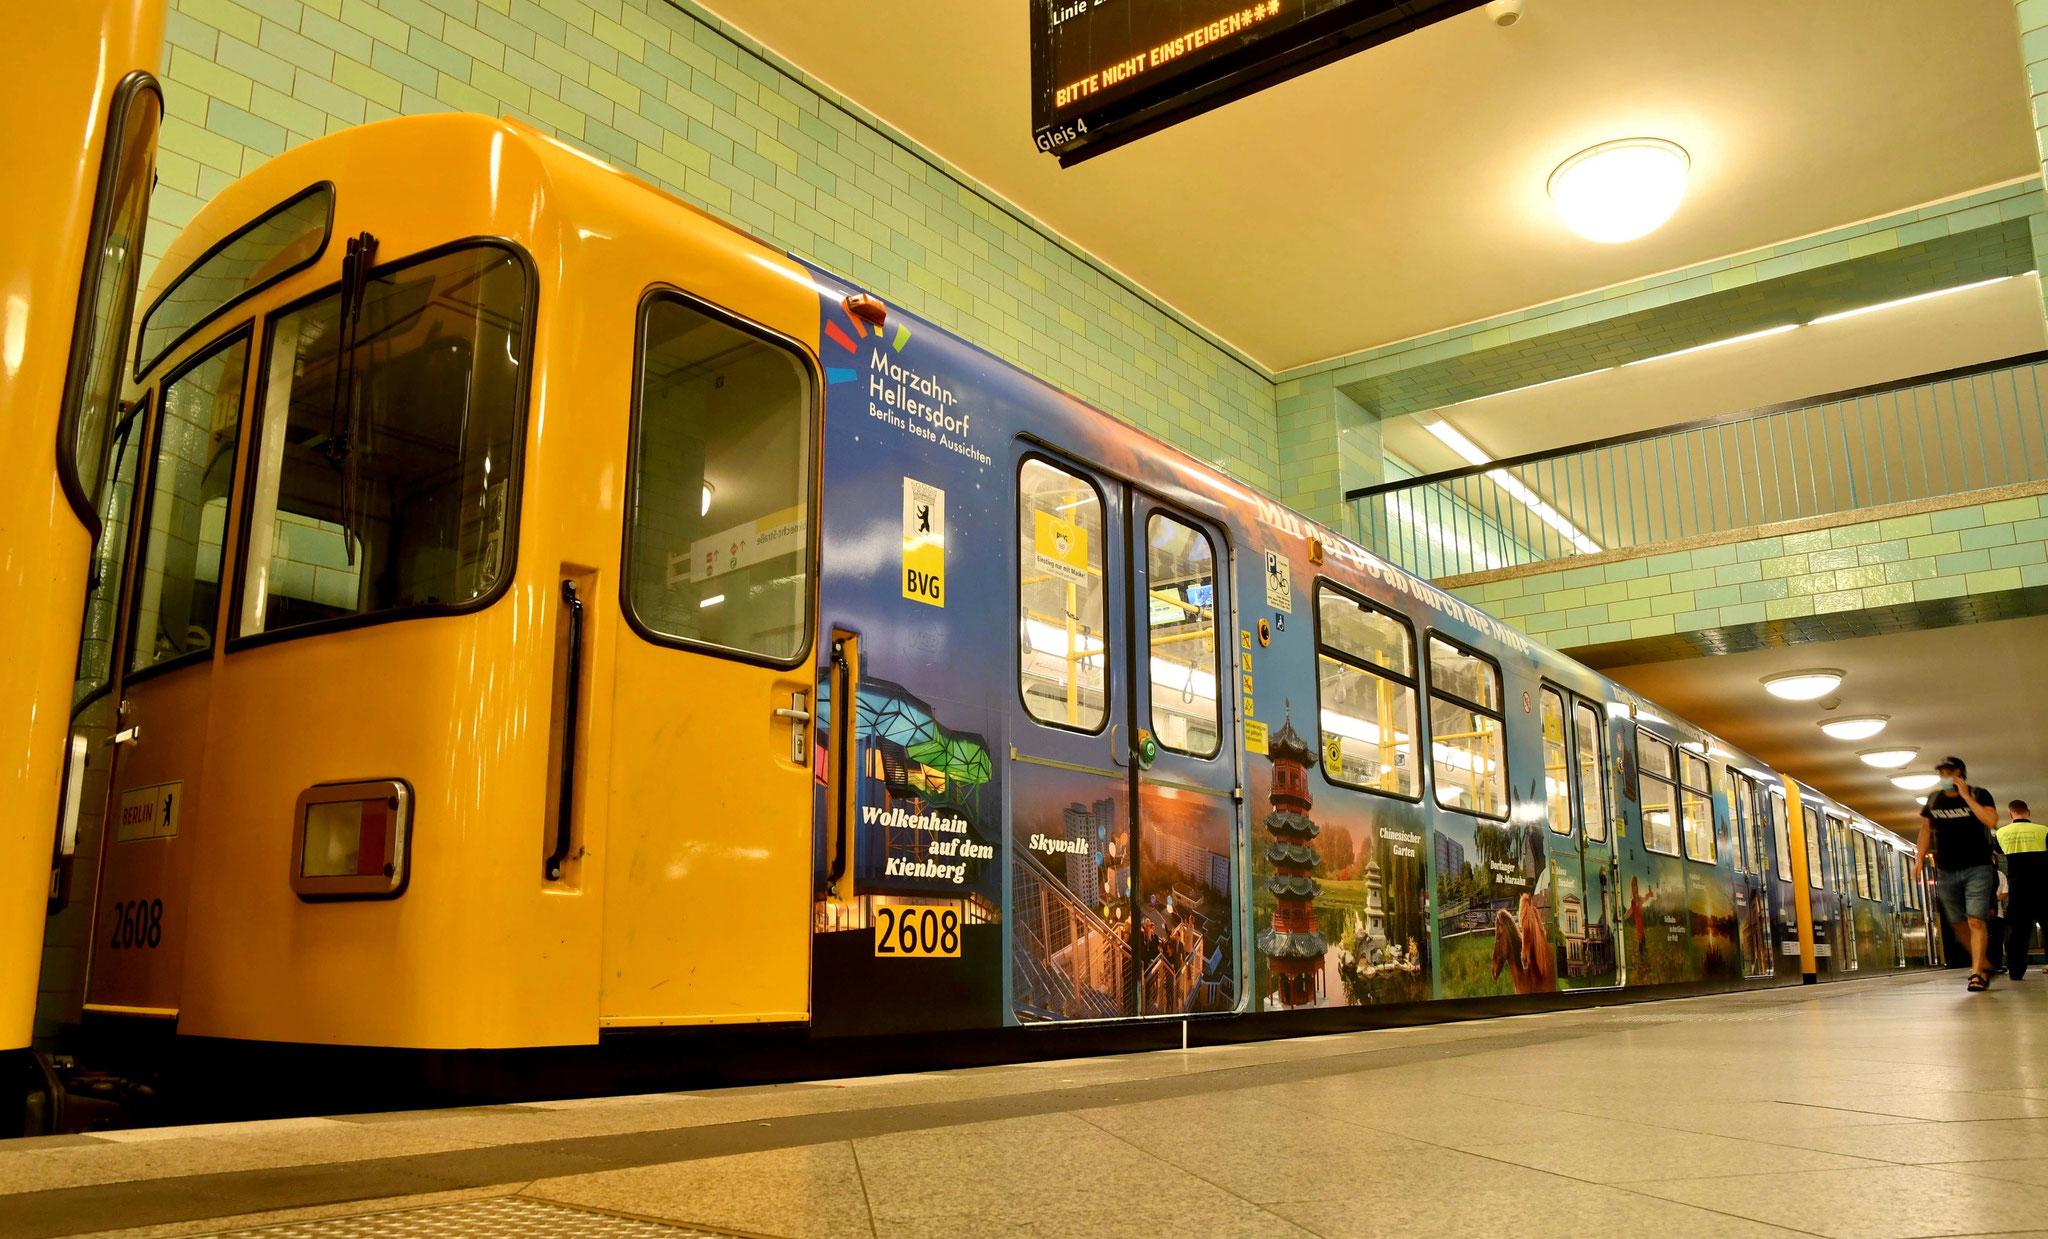 Der F-Zug im Marzahn-Hellersdorf-Gewand verkehrt mindestens bis Februar 2022 auf der U-Bahn-Linie 5. © pressefoto-uhlemann.de